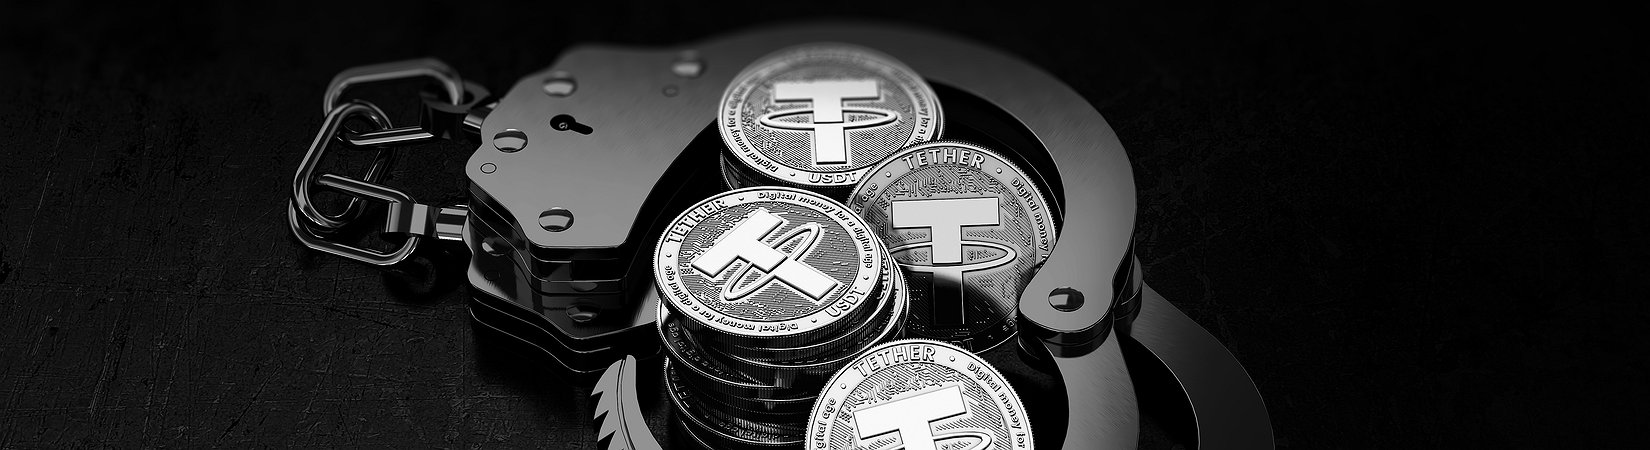 ¿Por qué es la criptomoneda Tether tan importante para los inversores?